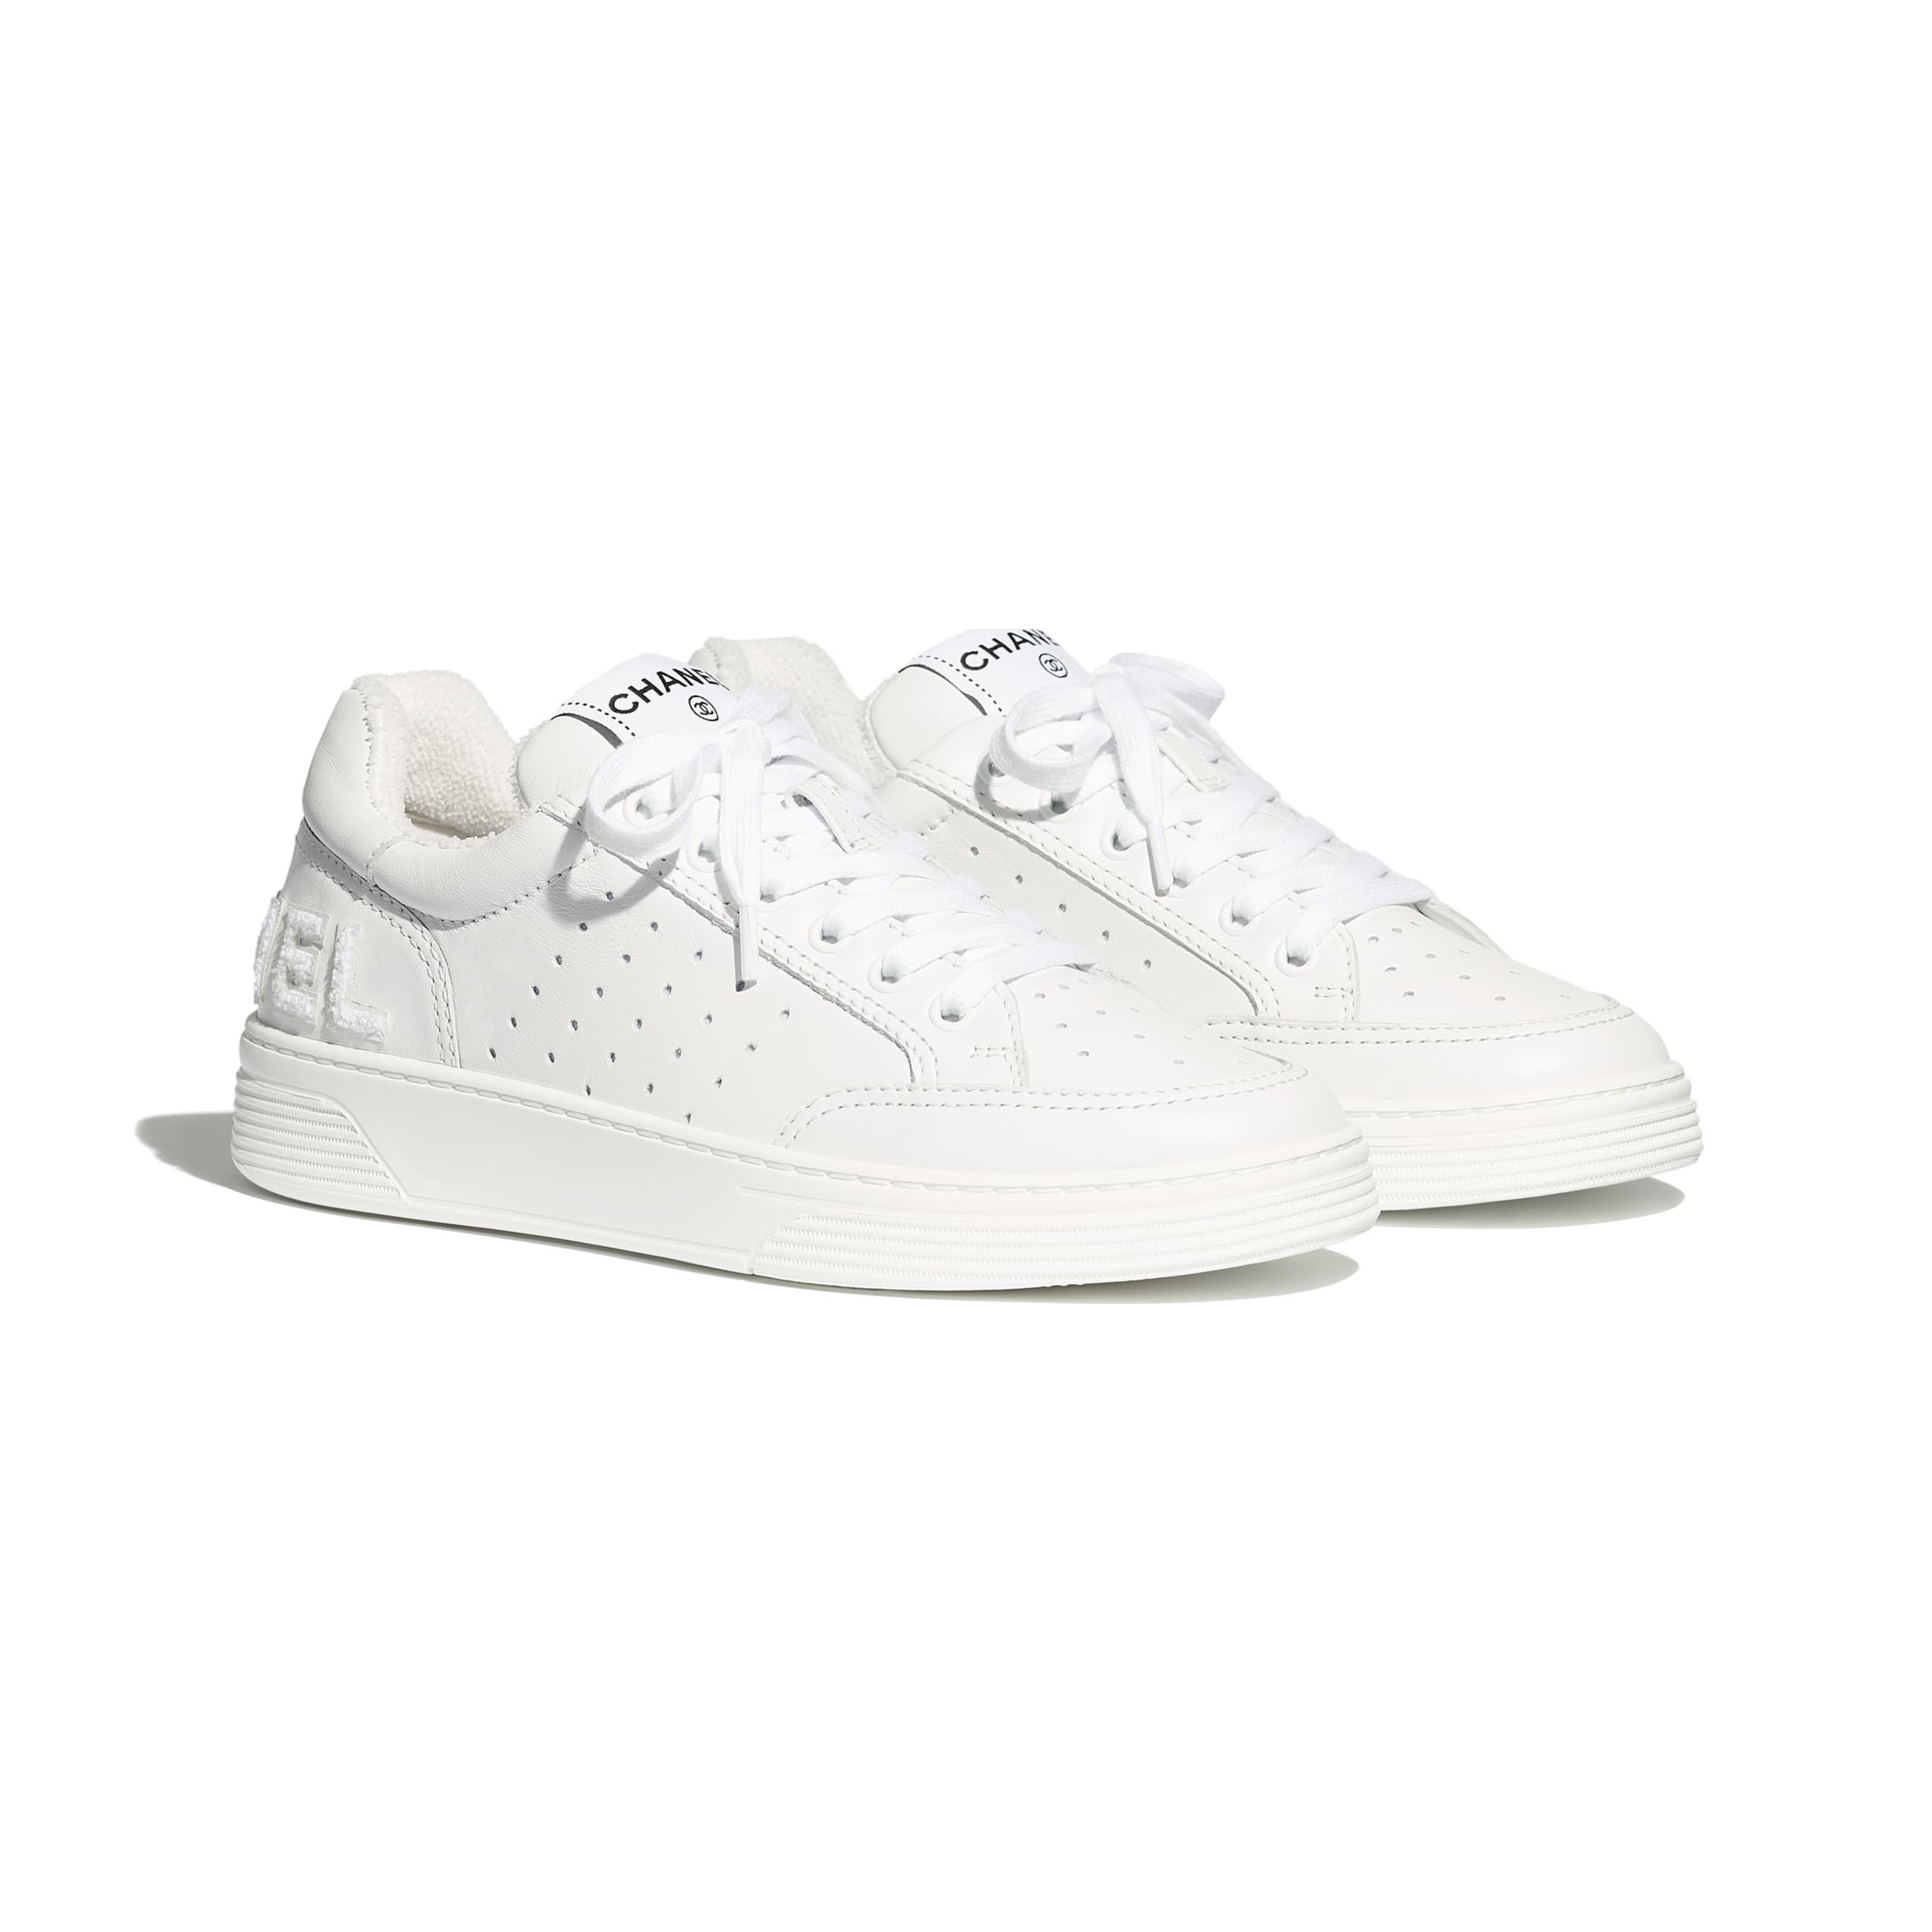 Sneakers - Weiß - Kalbsleder - Alternative Ansicht - Standardgröße anzeigen